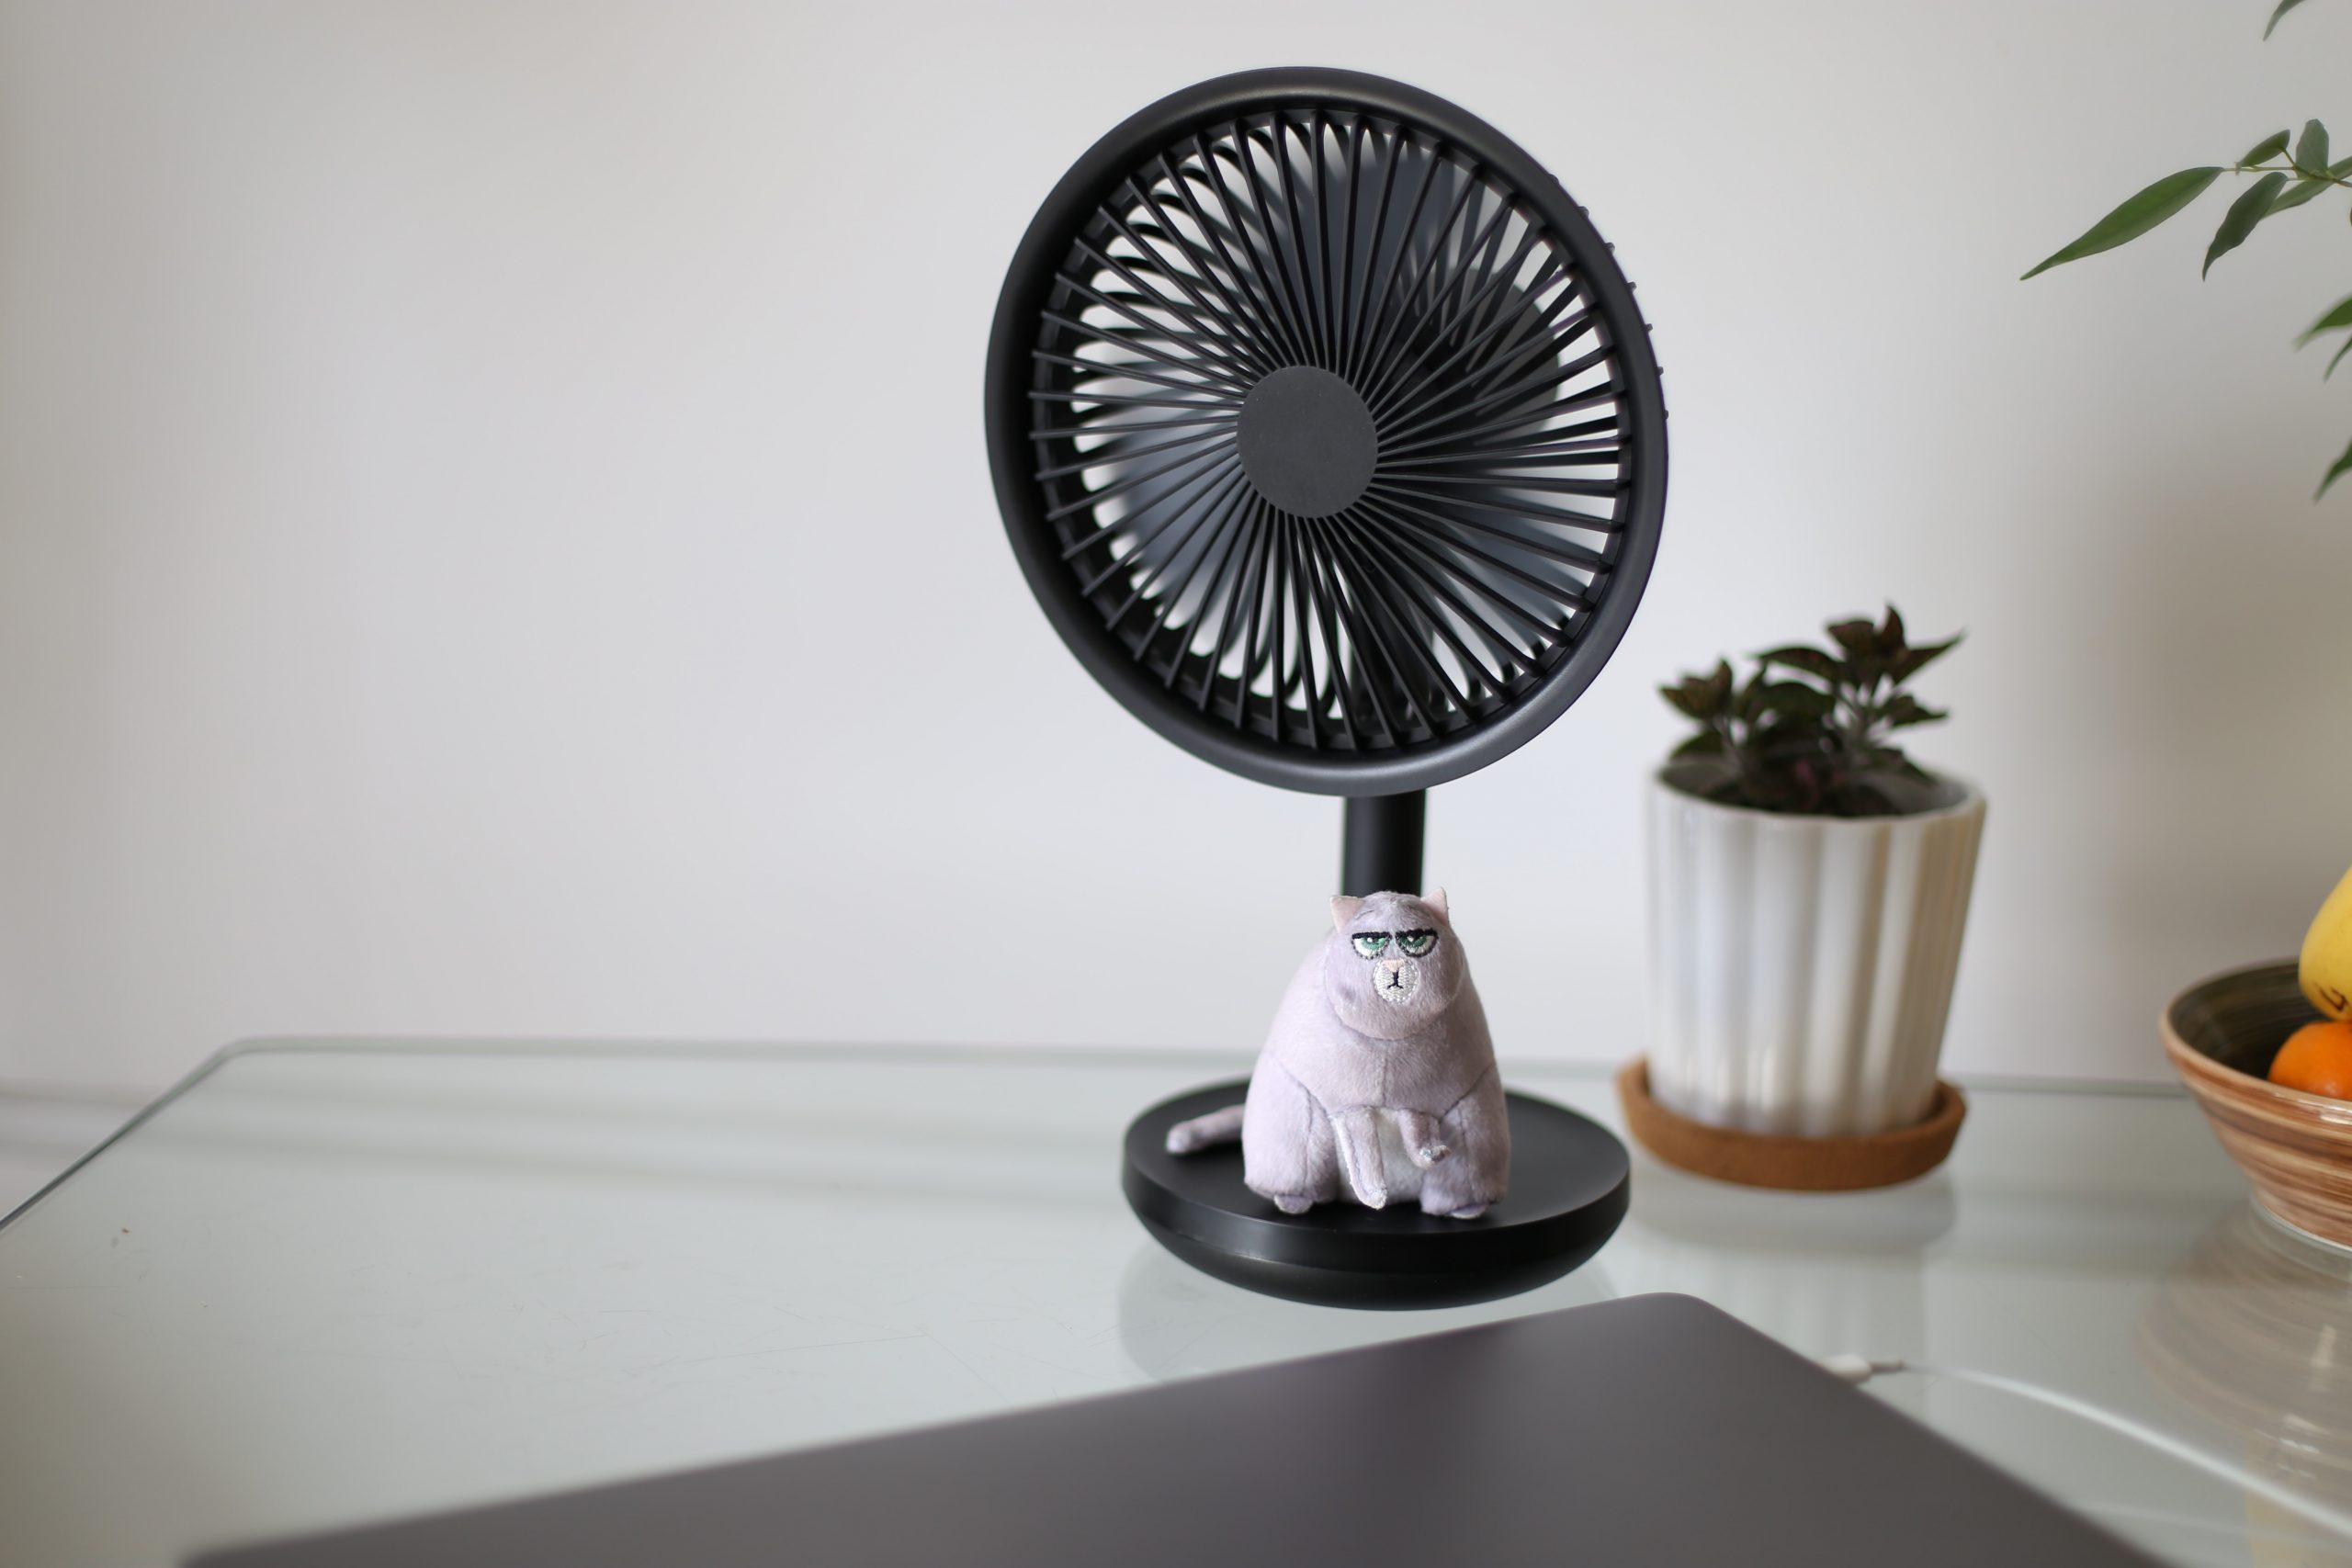 Imagem de um pequeno ventilador.